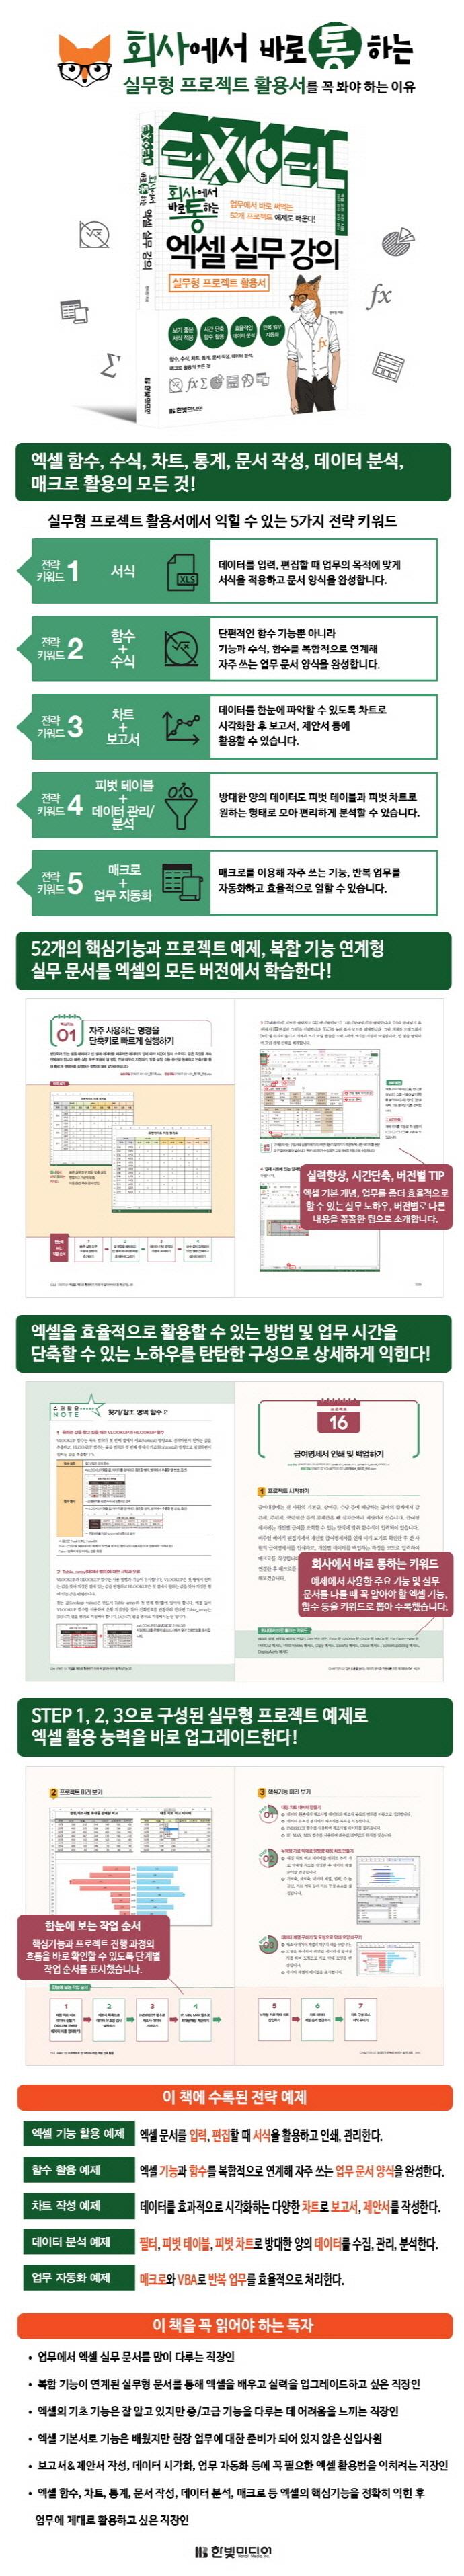 엑셀 실무 강의(회사에서 바로 통하는) 도서 상세이미지